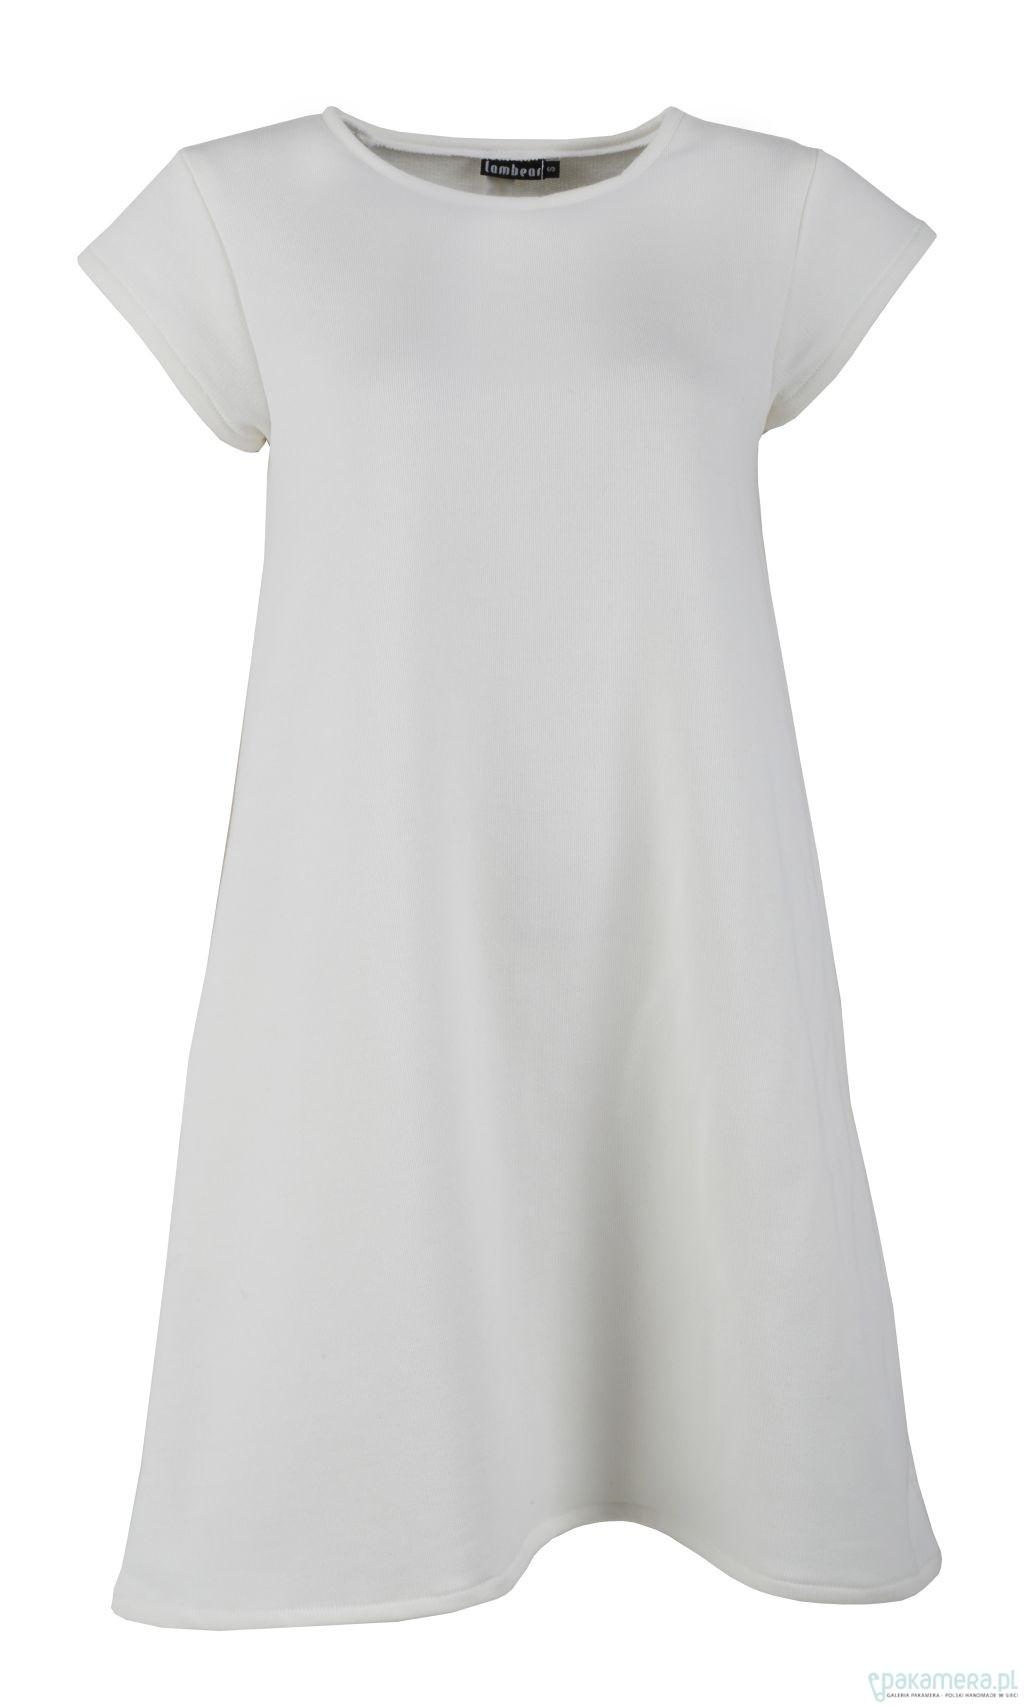 b4f96d586e Biała sukienka dzianinowa A - sukienki - midi - Pakamera.pl